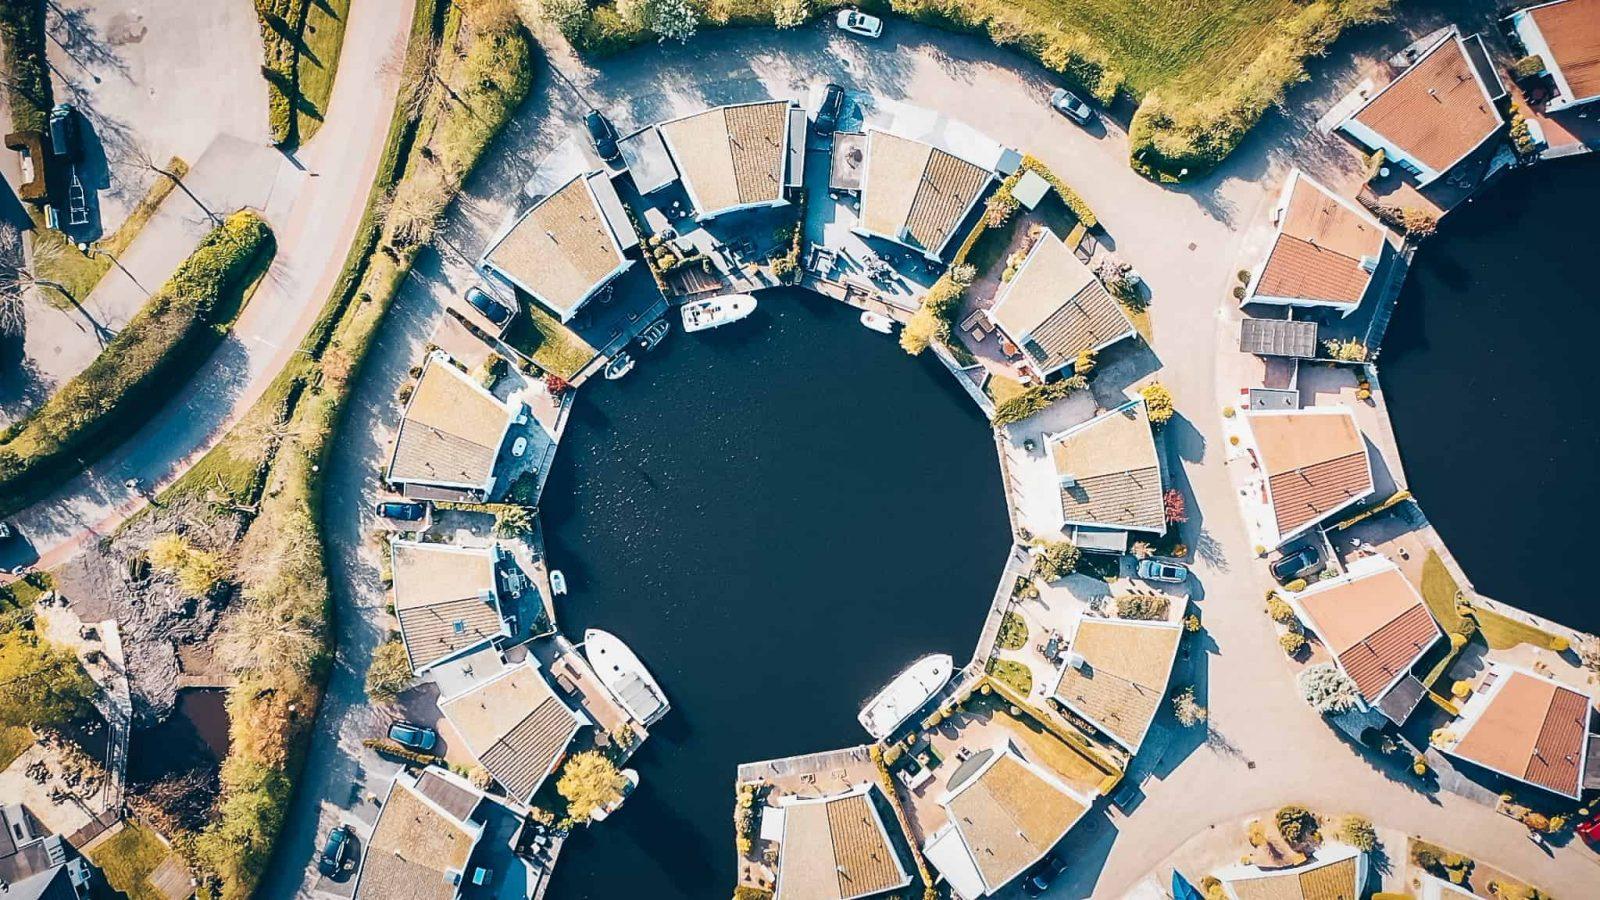 Lemmer holland im birds view, holland von oben mit drohnenfotografie, drohnenfoto